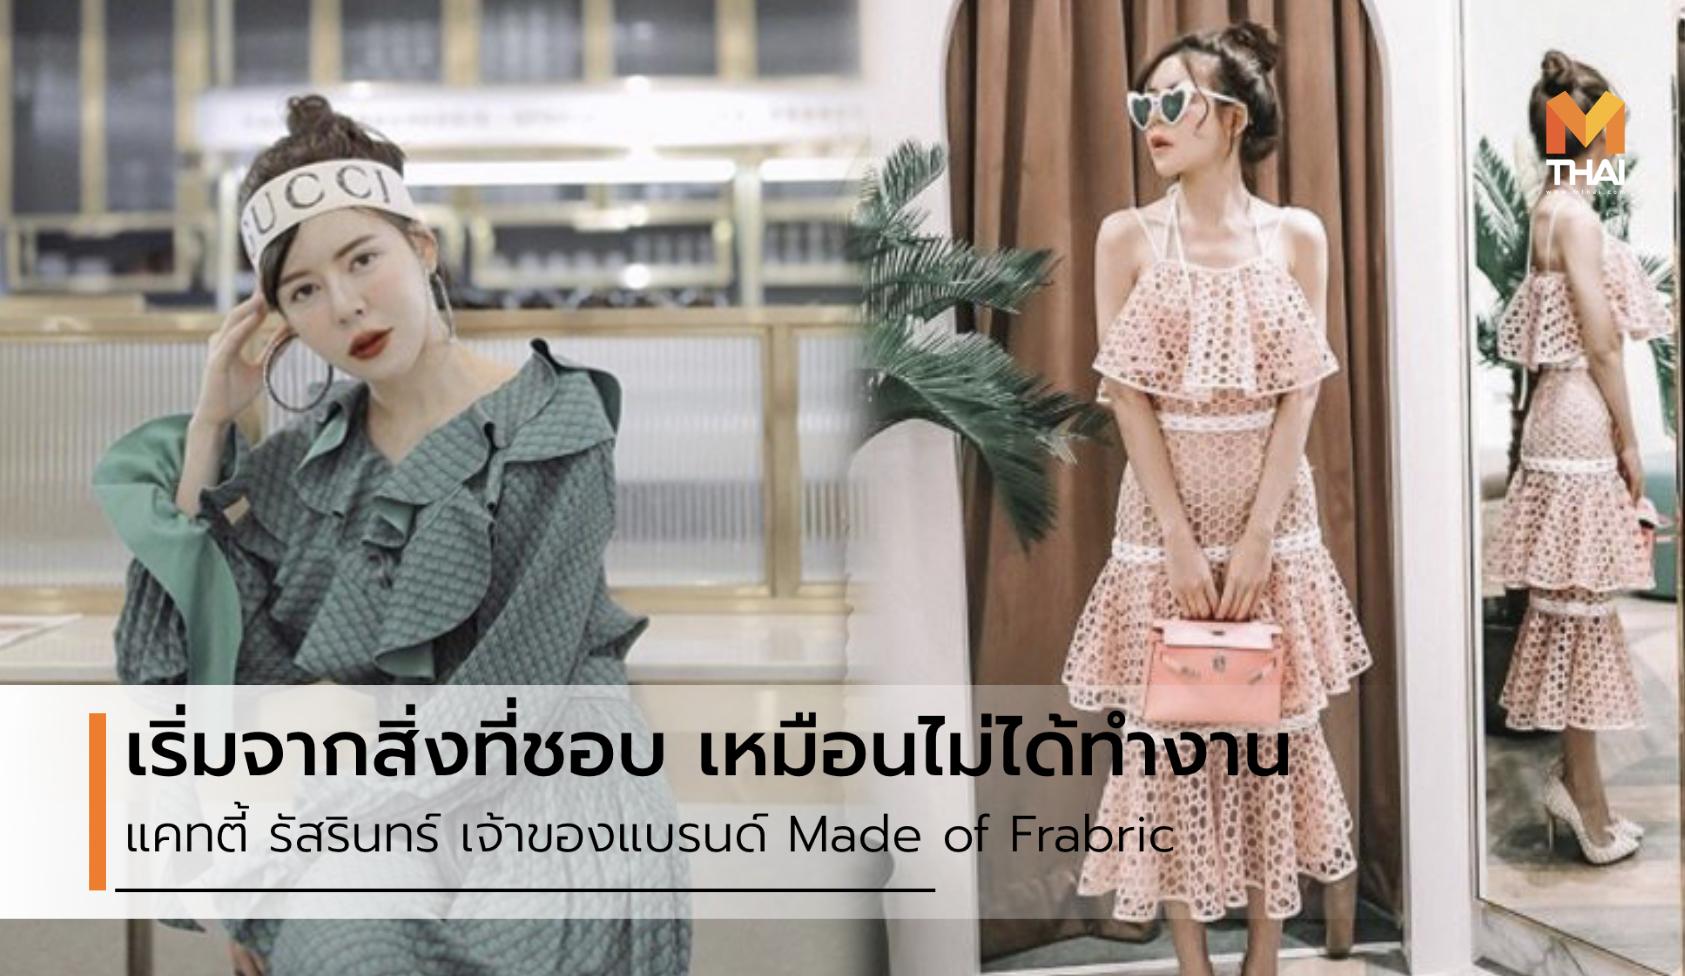 Made Of Fabric การแต่งตัว ทริคการแต่งตัว เวิร์กกิ้งวูแมน เสื้อผ้า แคทตี้ รัสรินทร์ แคทตี้ รัสรินทร์ ธนะชัยวัฒนะโภคิน แฟชั่น